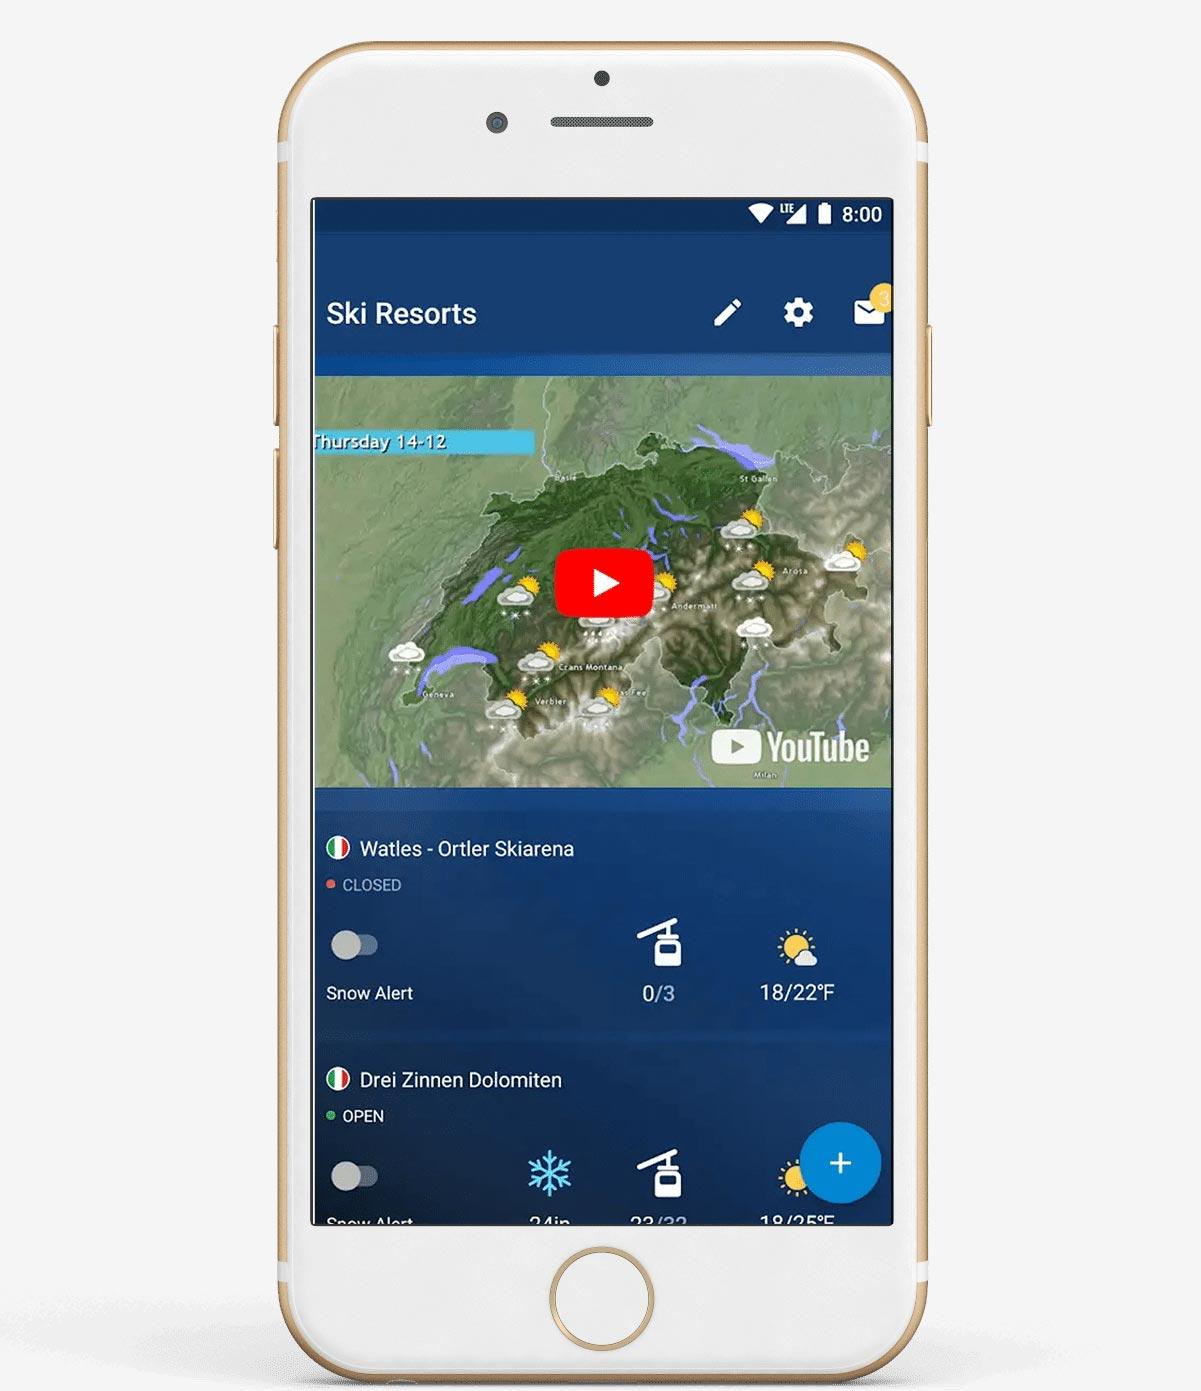 iphone programozás, mobil alkalmazás fejlesztés